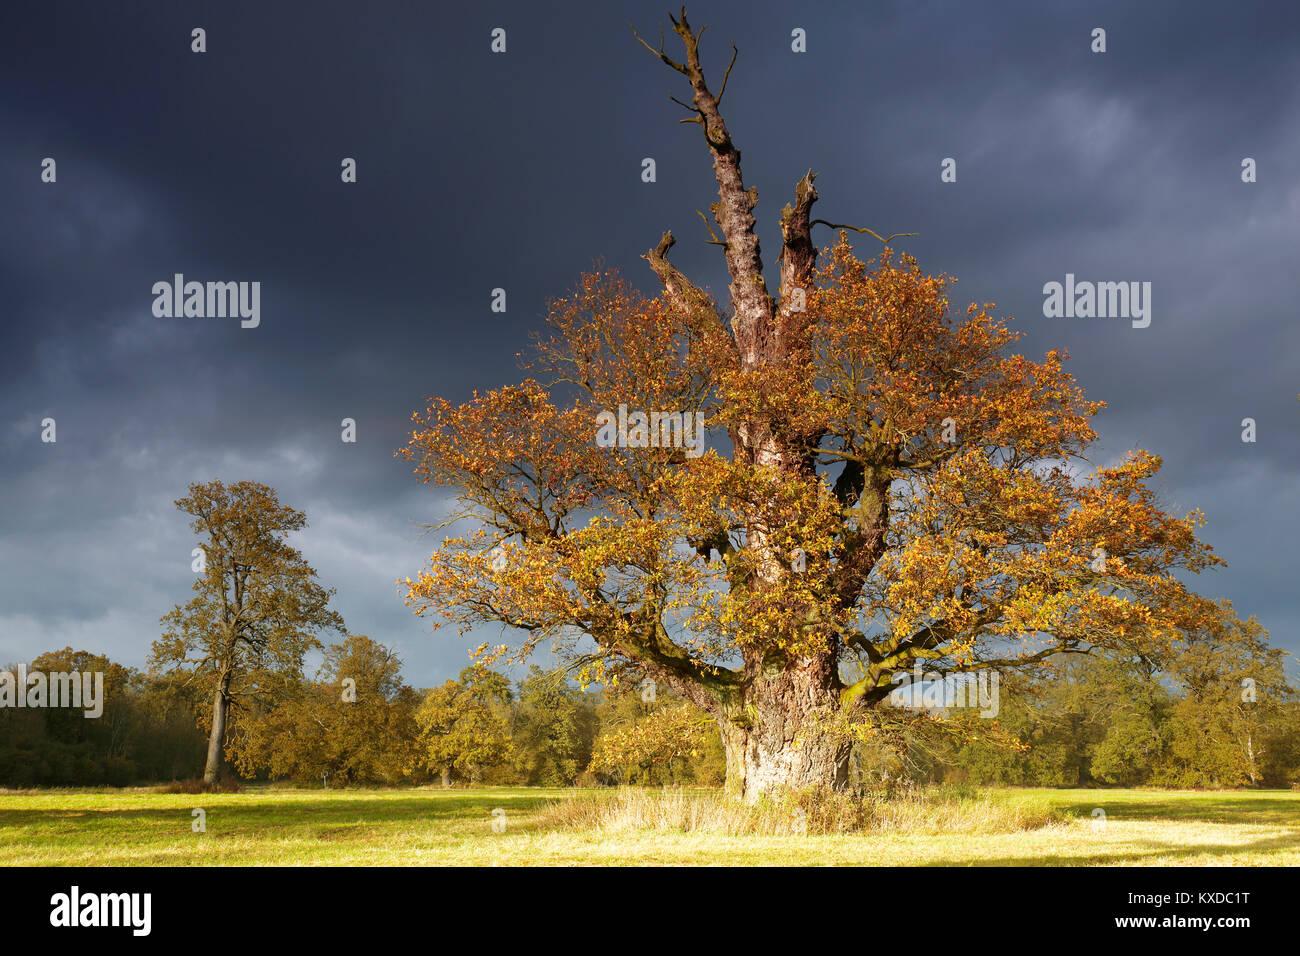 650 ans chêne pédonculé (Quercus robur) à l'automne, solitaire arbre, forêt alluviale, Photo Stock